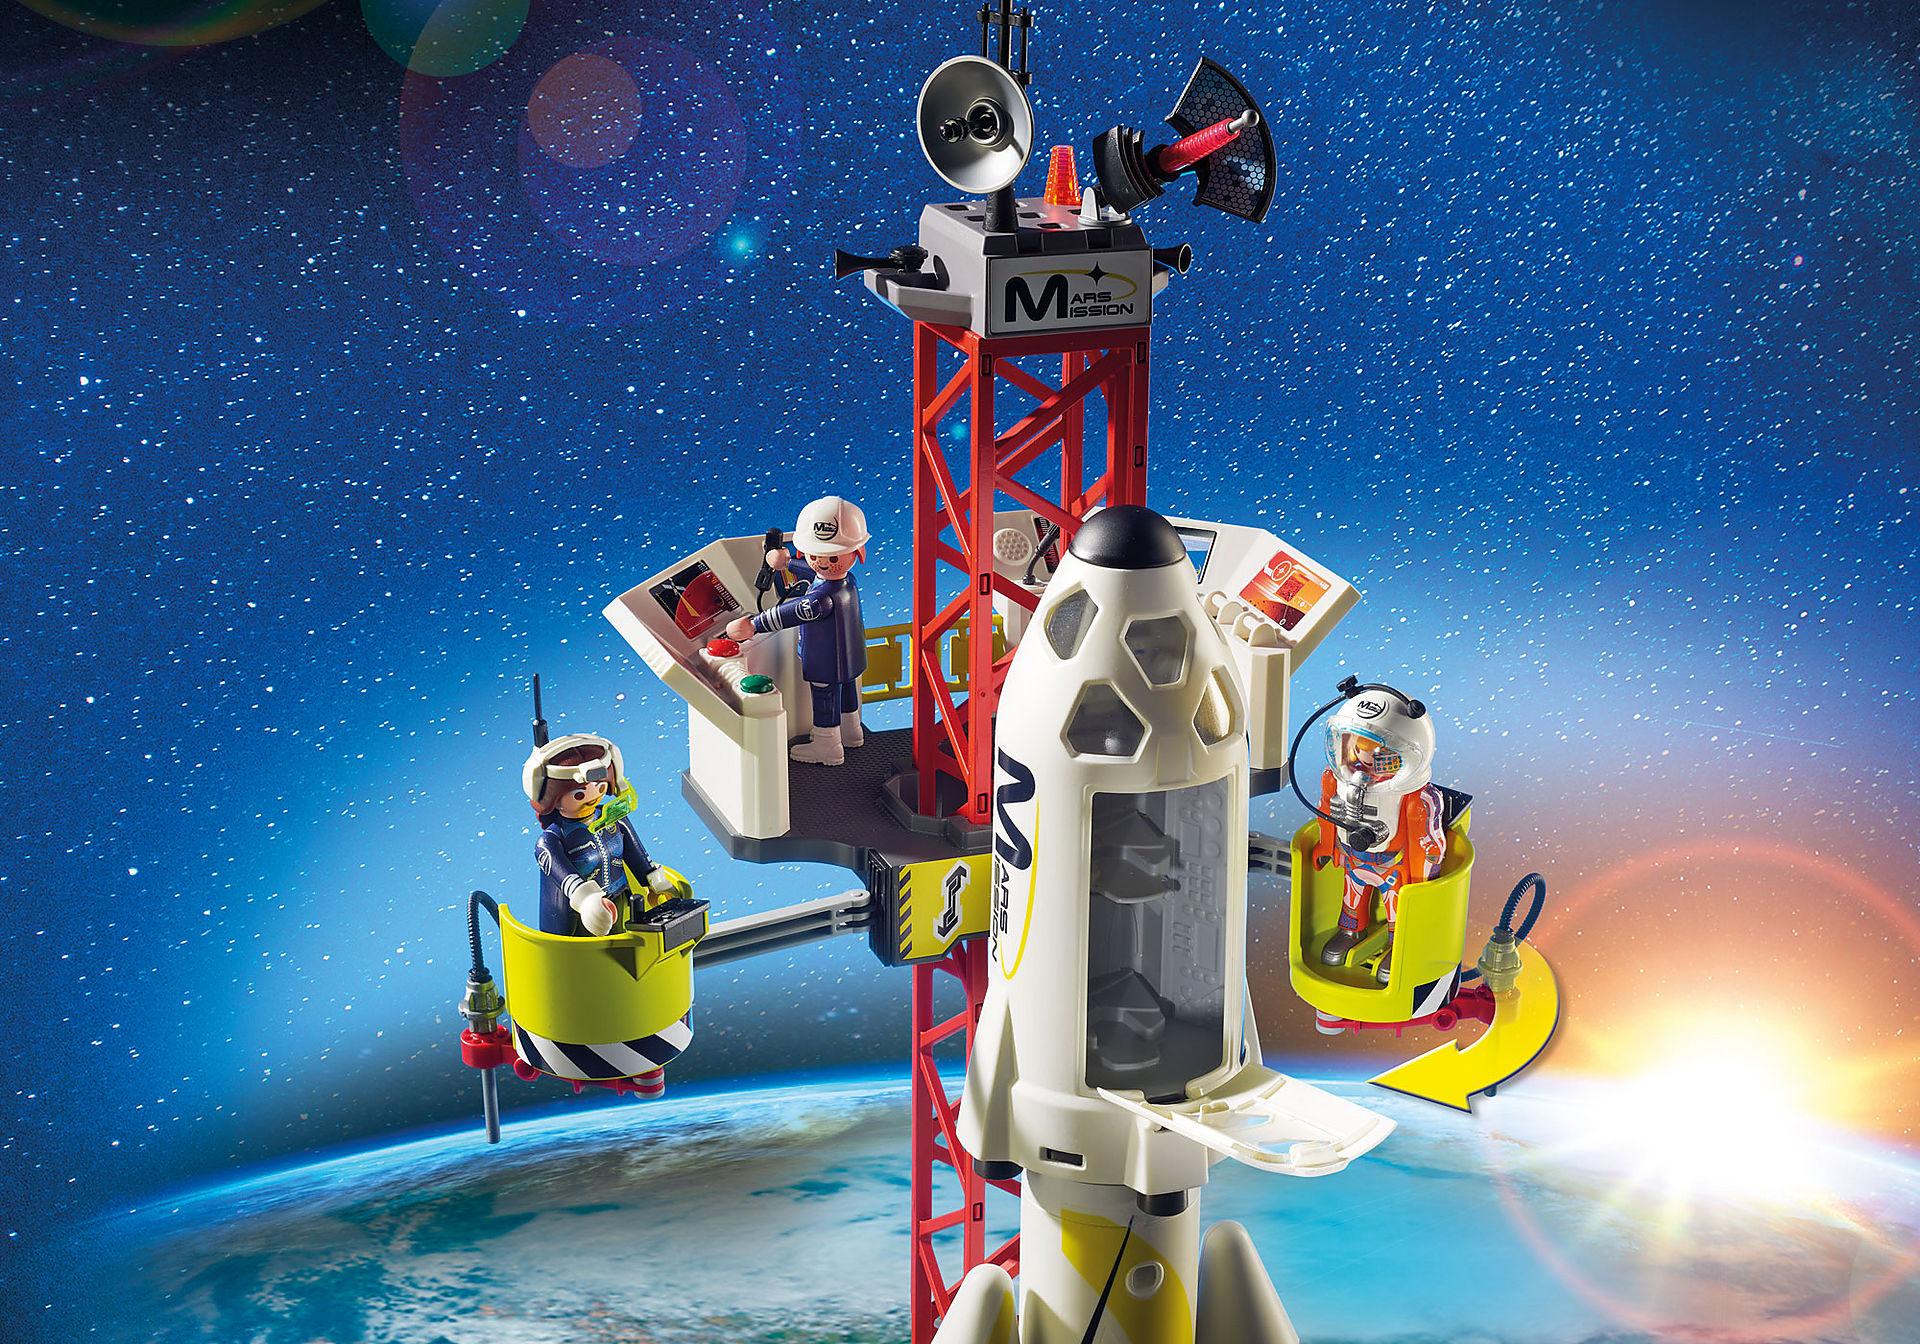 http://media.playmobil.com/i/playmobil/9488_product_extra1/Πύραυλος διαστημικής αποστολής με σταθμό εκτόξευσης